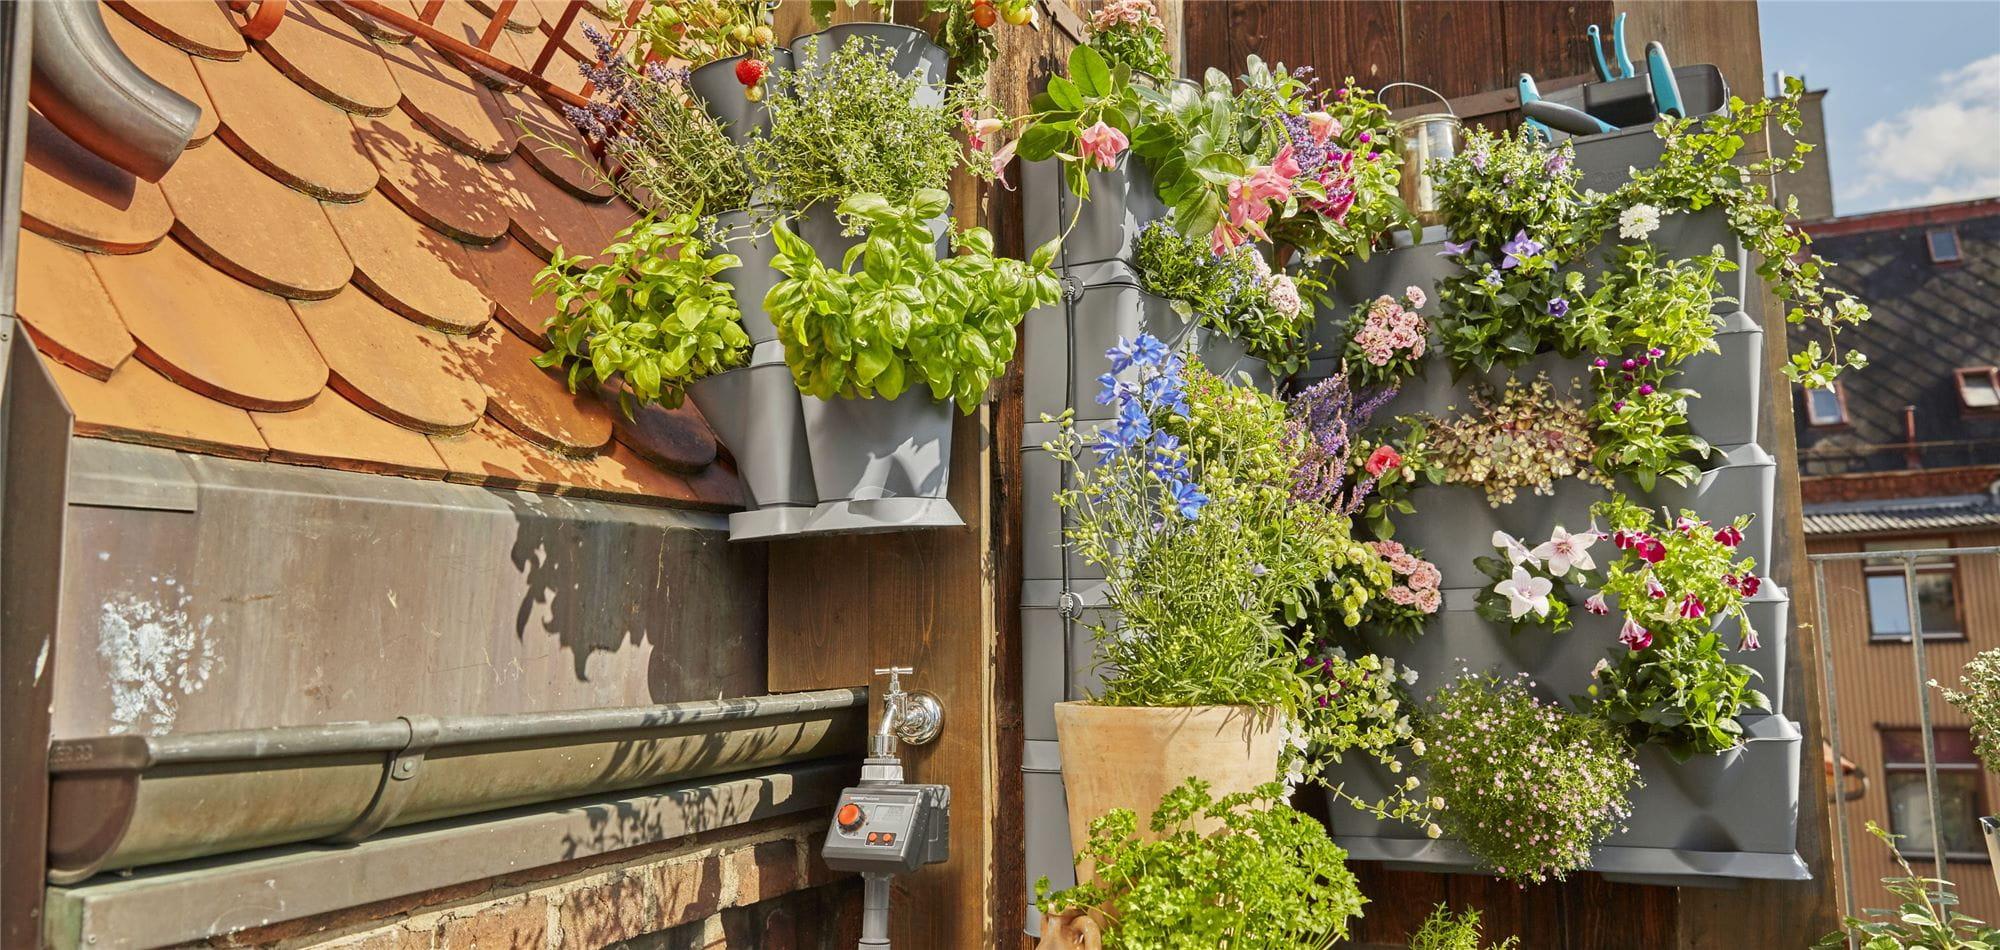 Mur Végétal Extérieur Palette comment installer un mur végétal sur le balcon - gardena